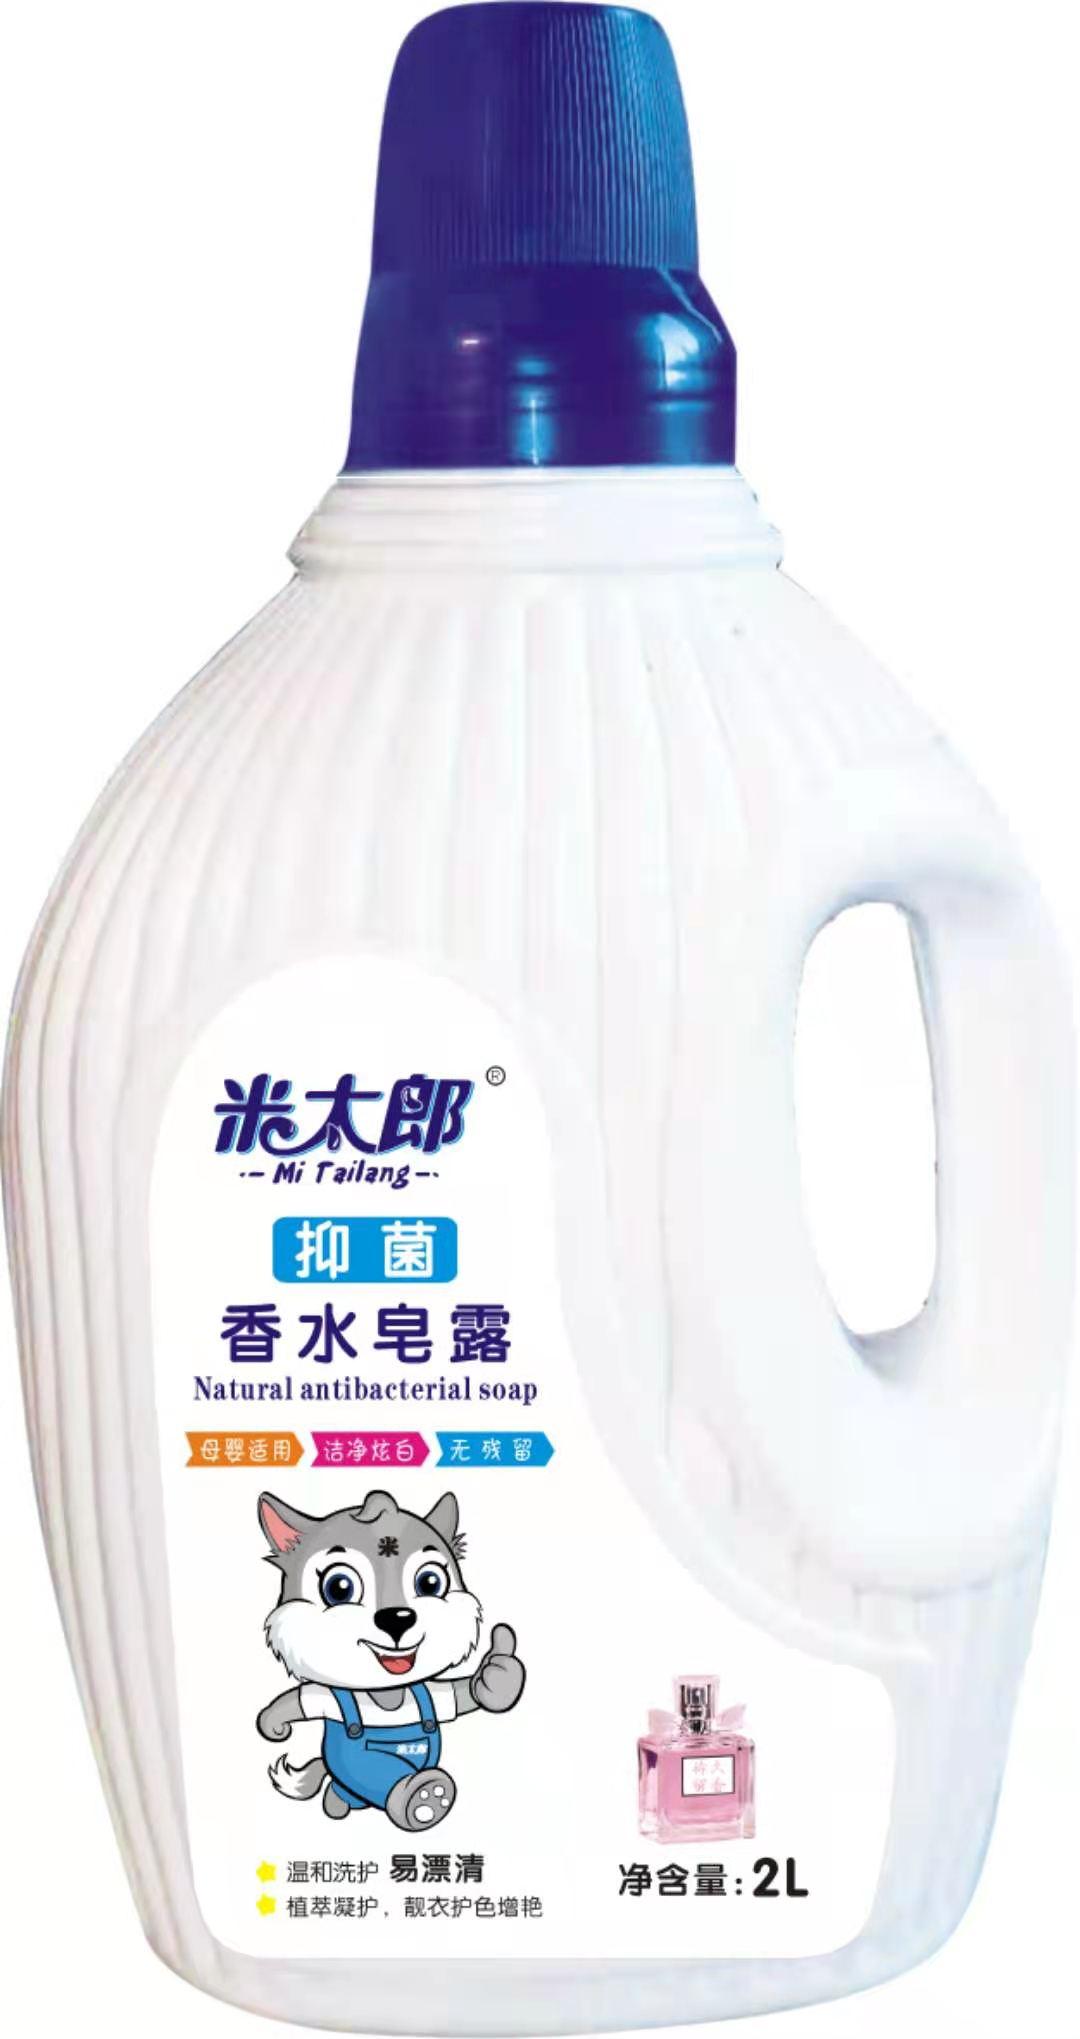 米太郎香水皂露代理批发米太郎日化用品